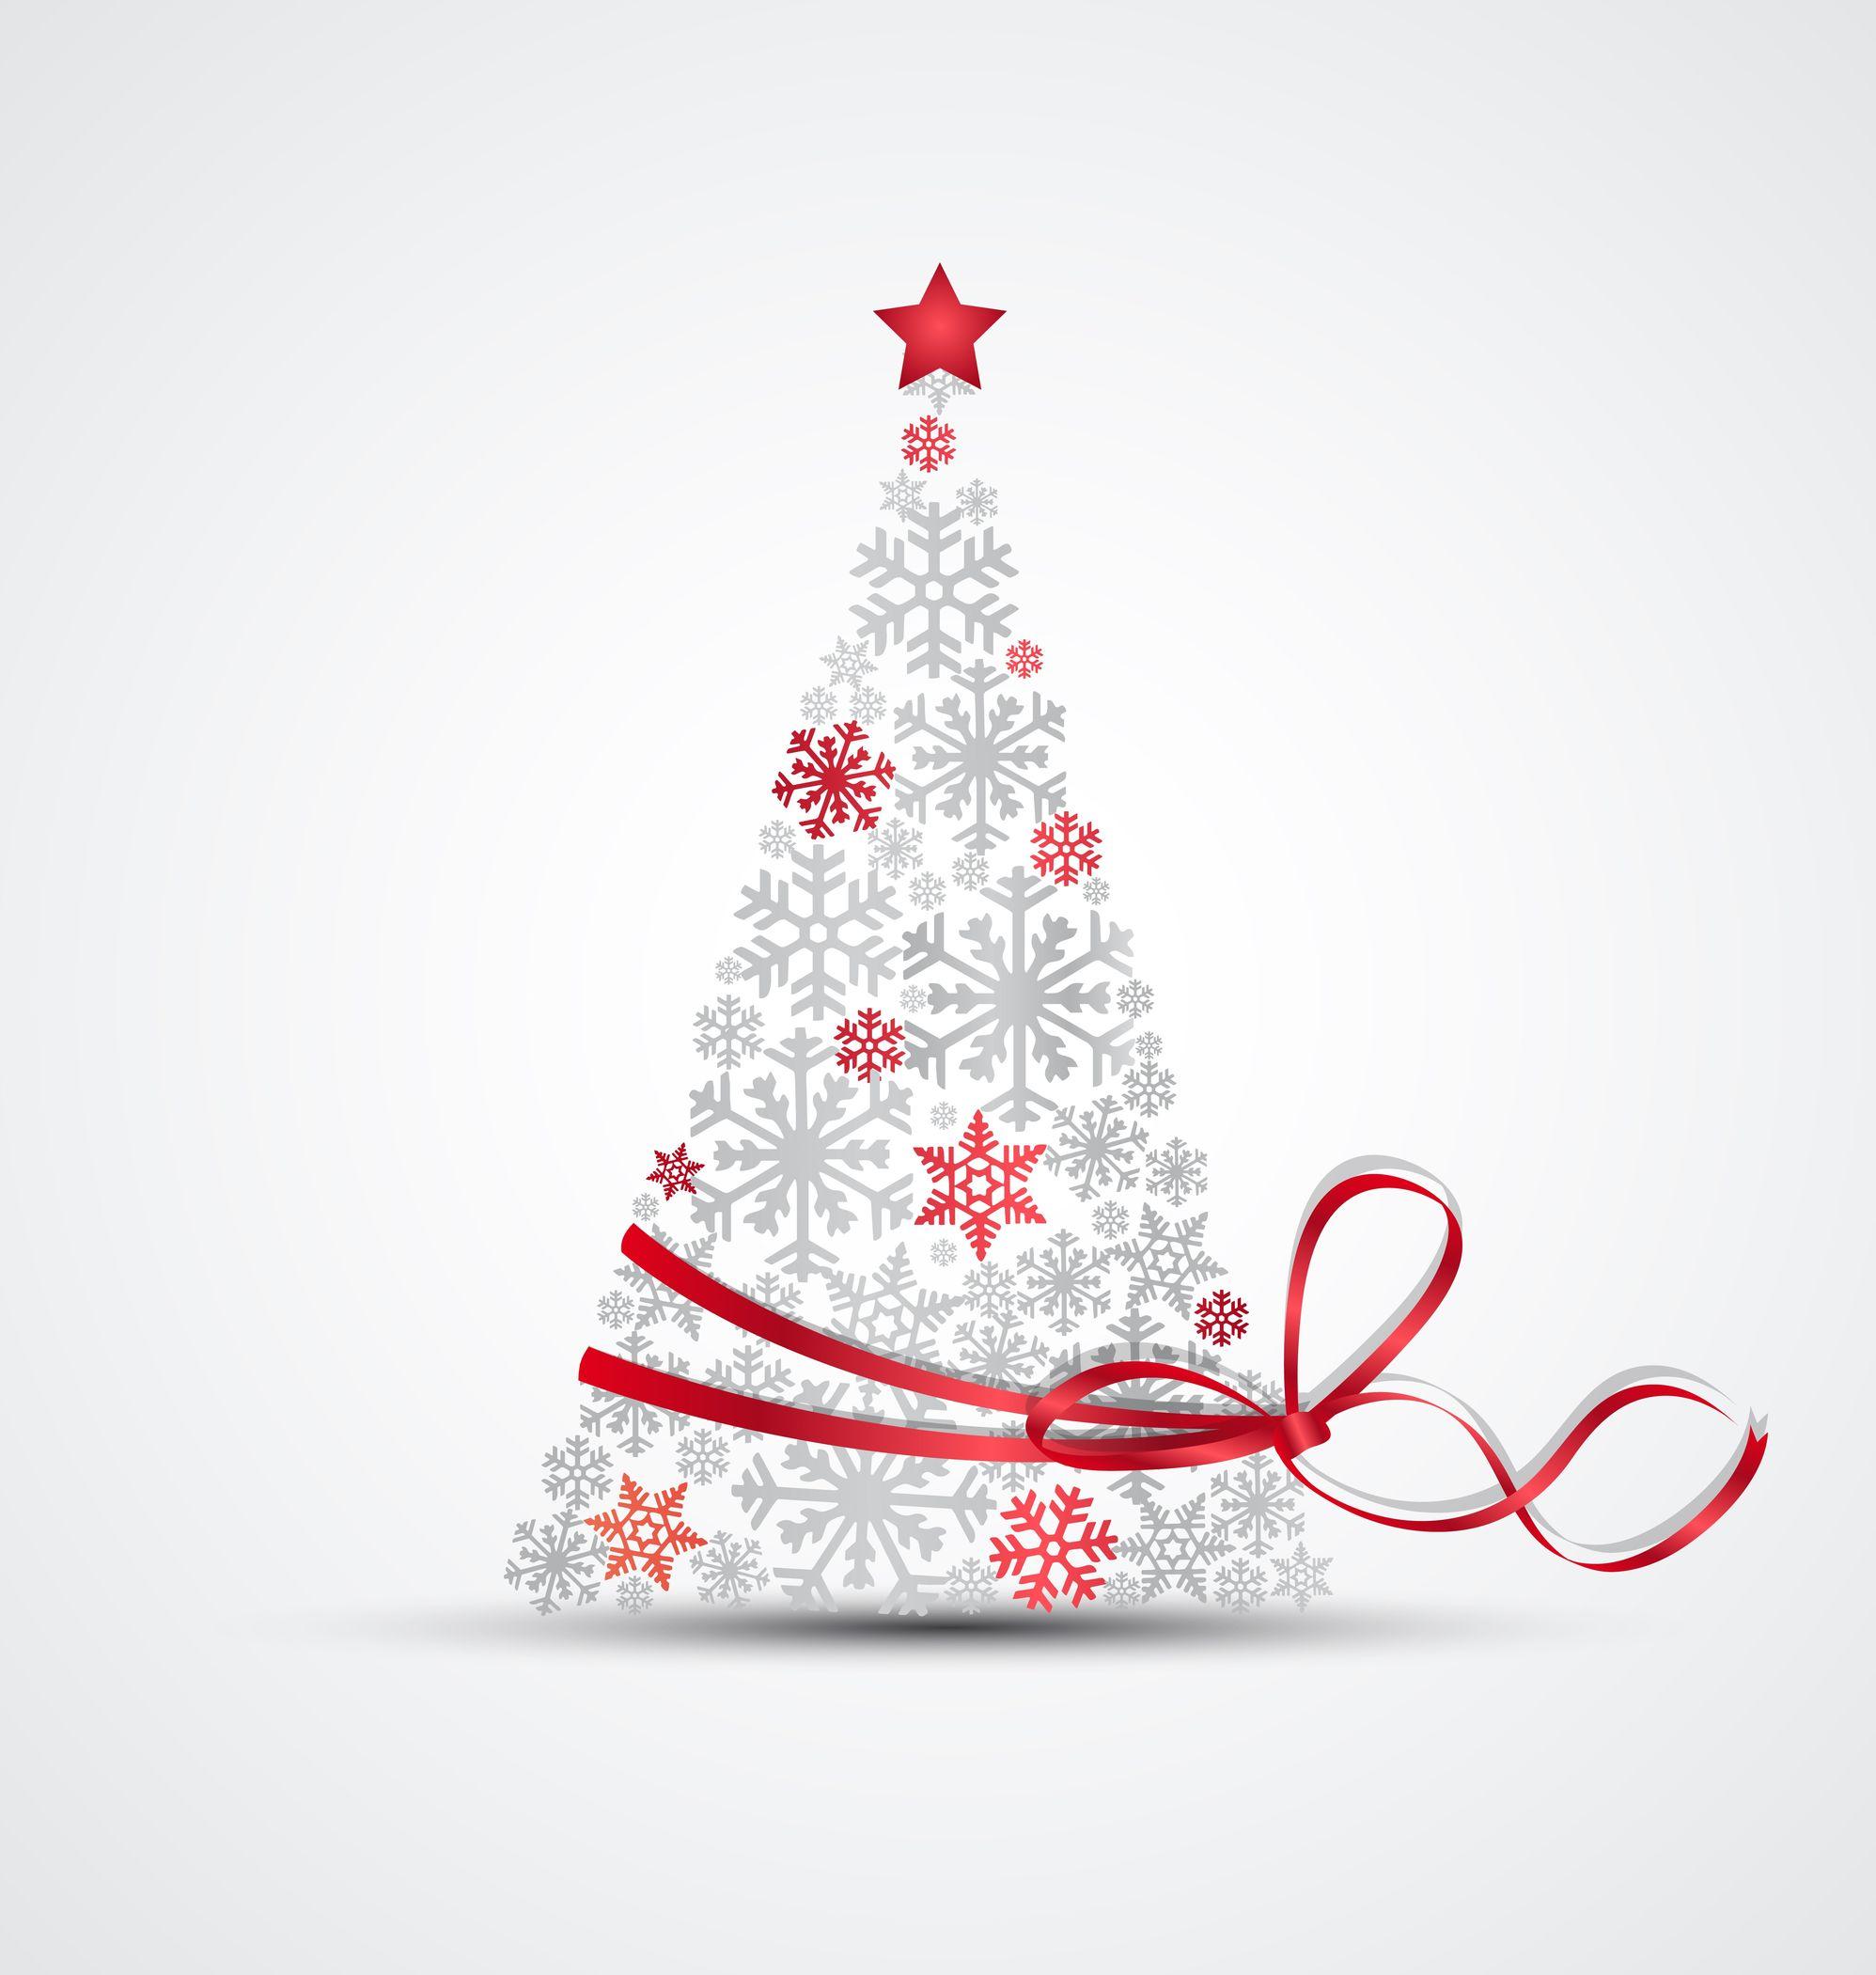 2014-12-25. Les petits bonheurs de Decembre! #25